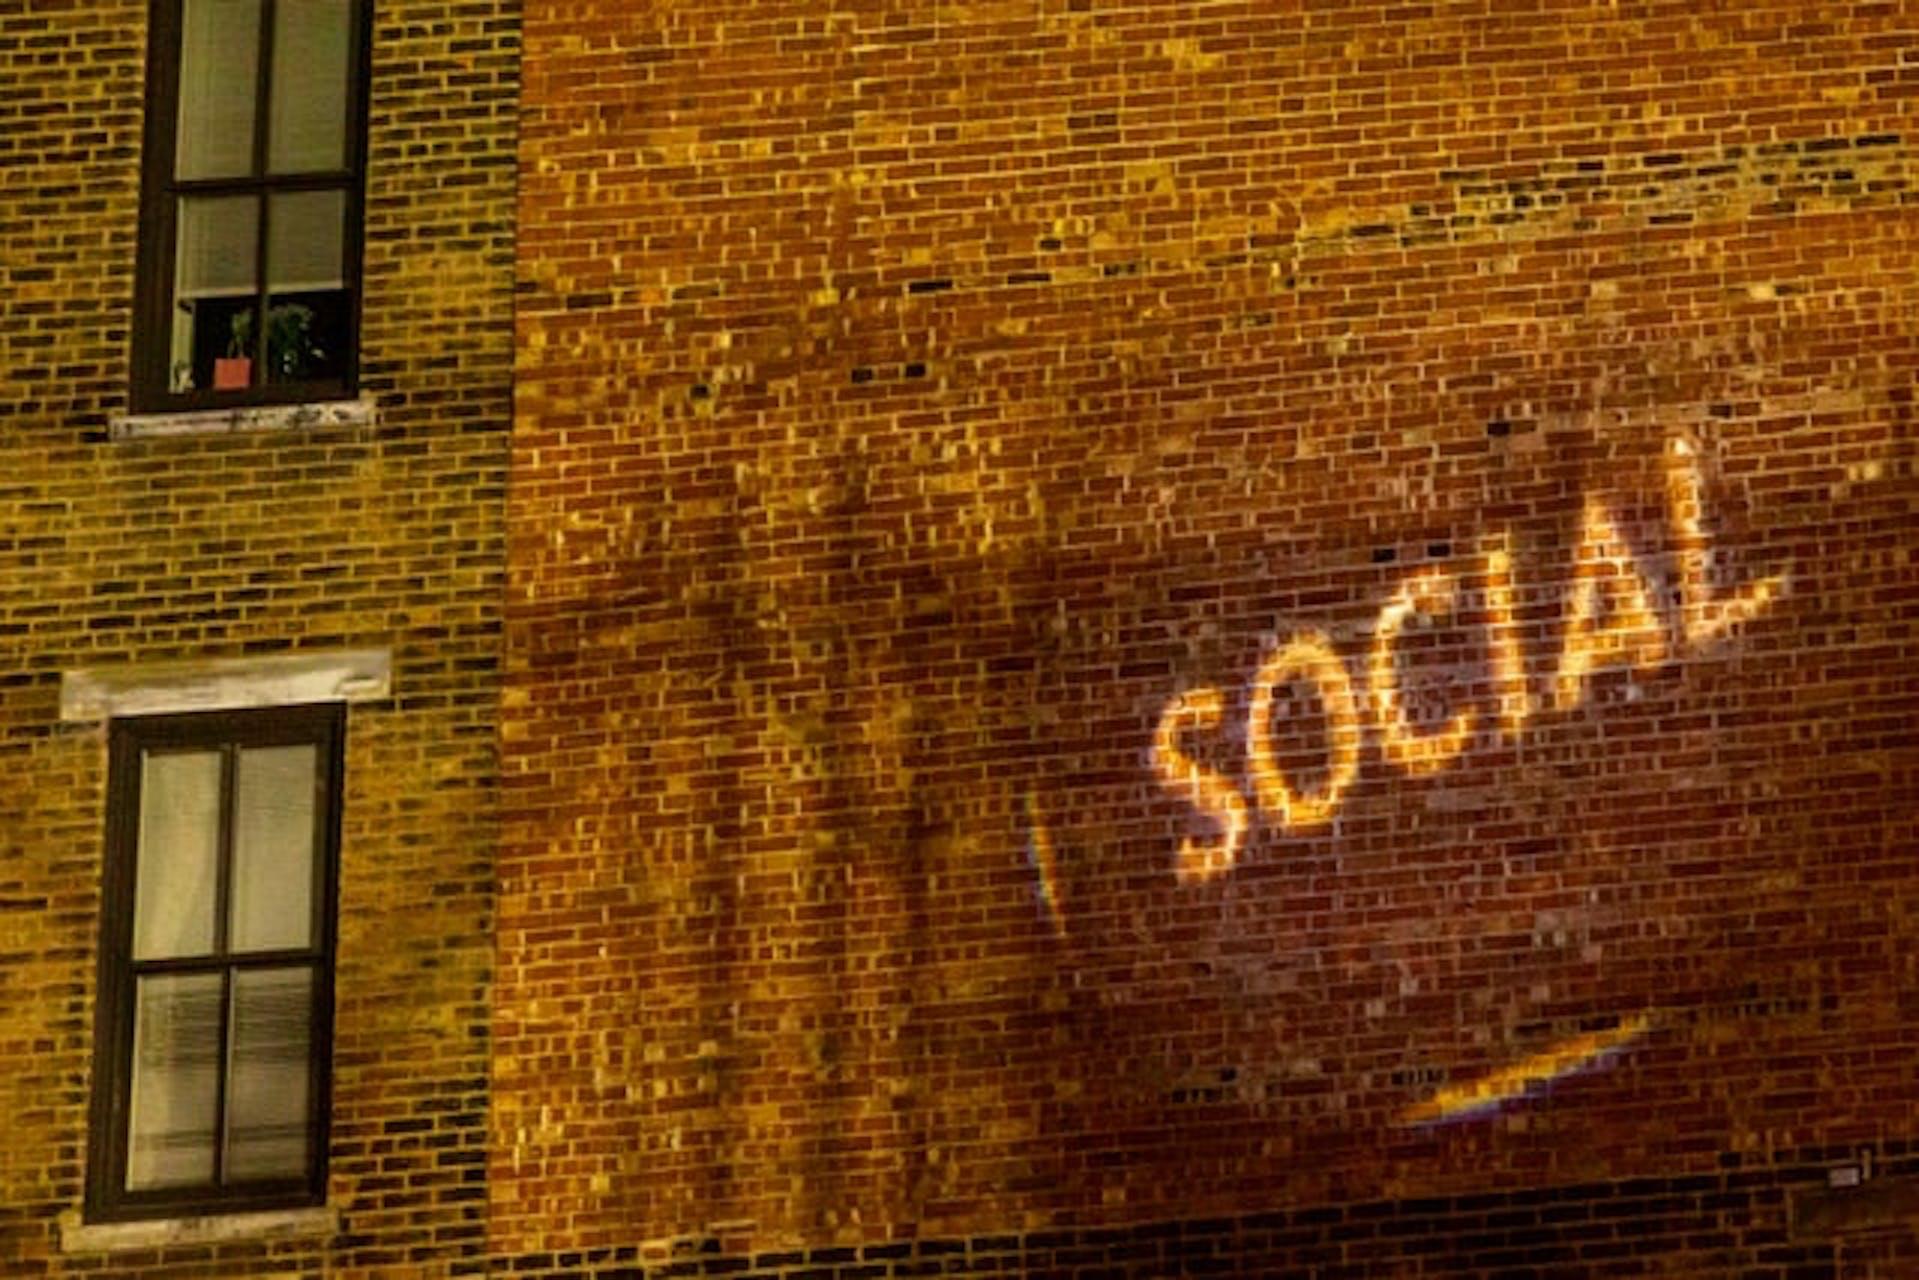 """Man sieht eine Backsteinwand eines Gebäudes, auf die das Wort """"Social"""" projiziert wird. Das Bild ist das Titelbild unseres Beitrages zu Social Media Walls."""